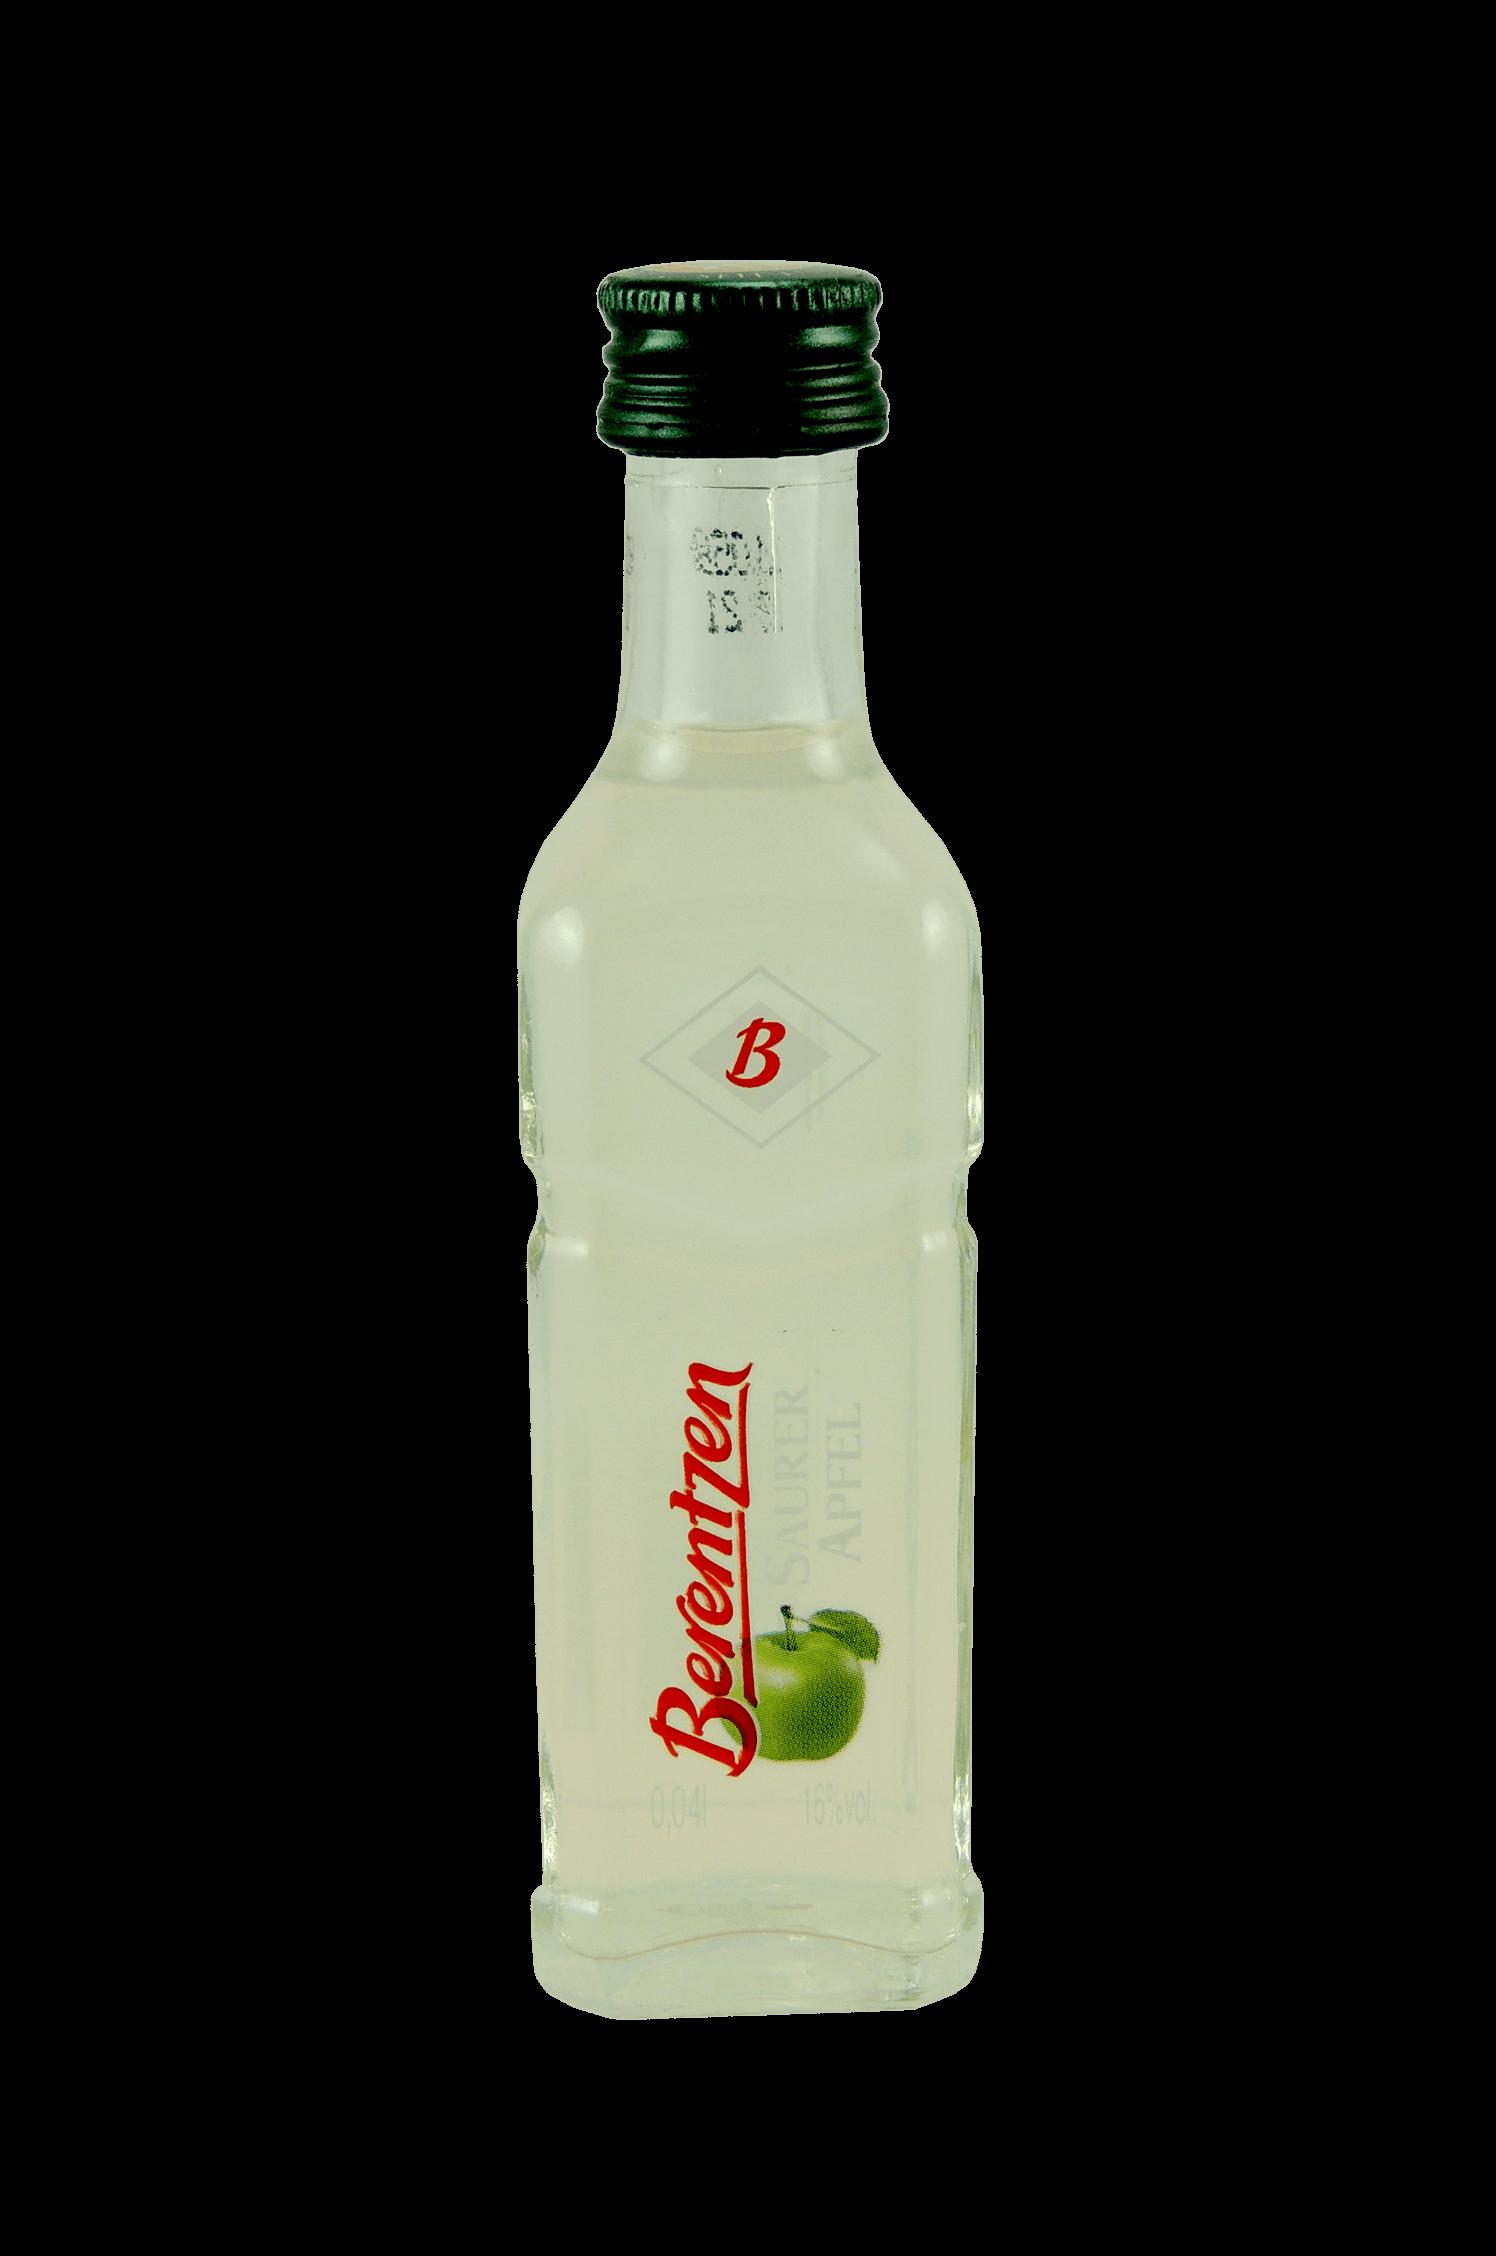 Saurer Apfel Berentzen